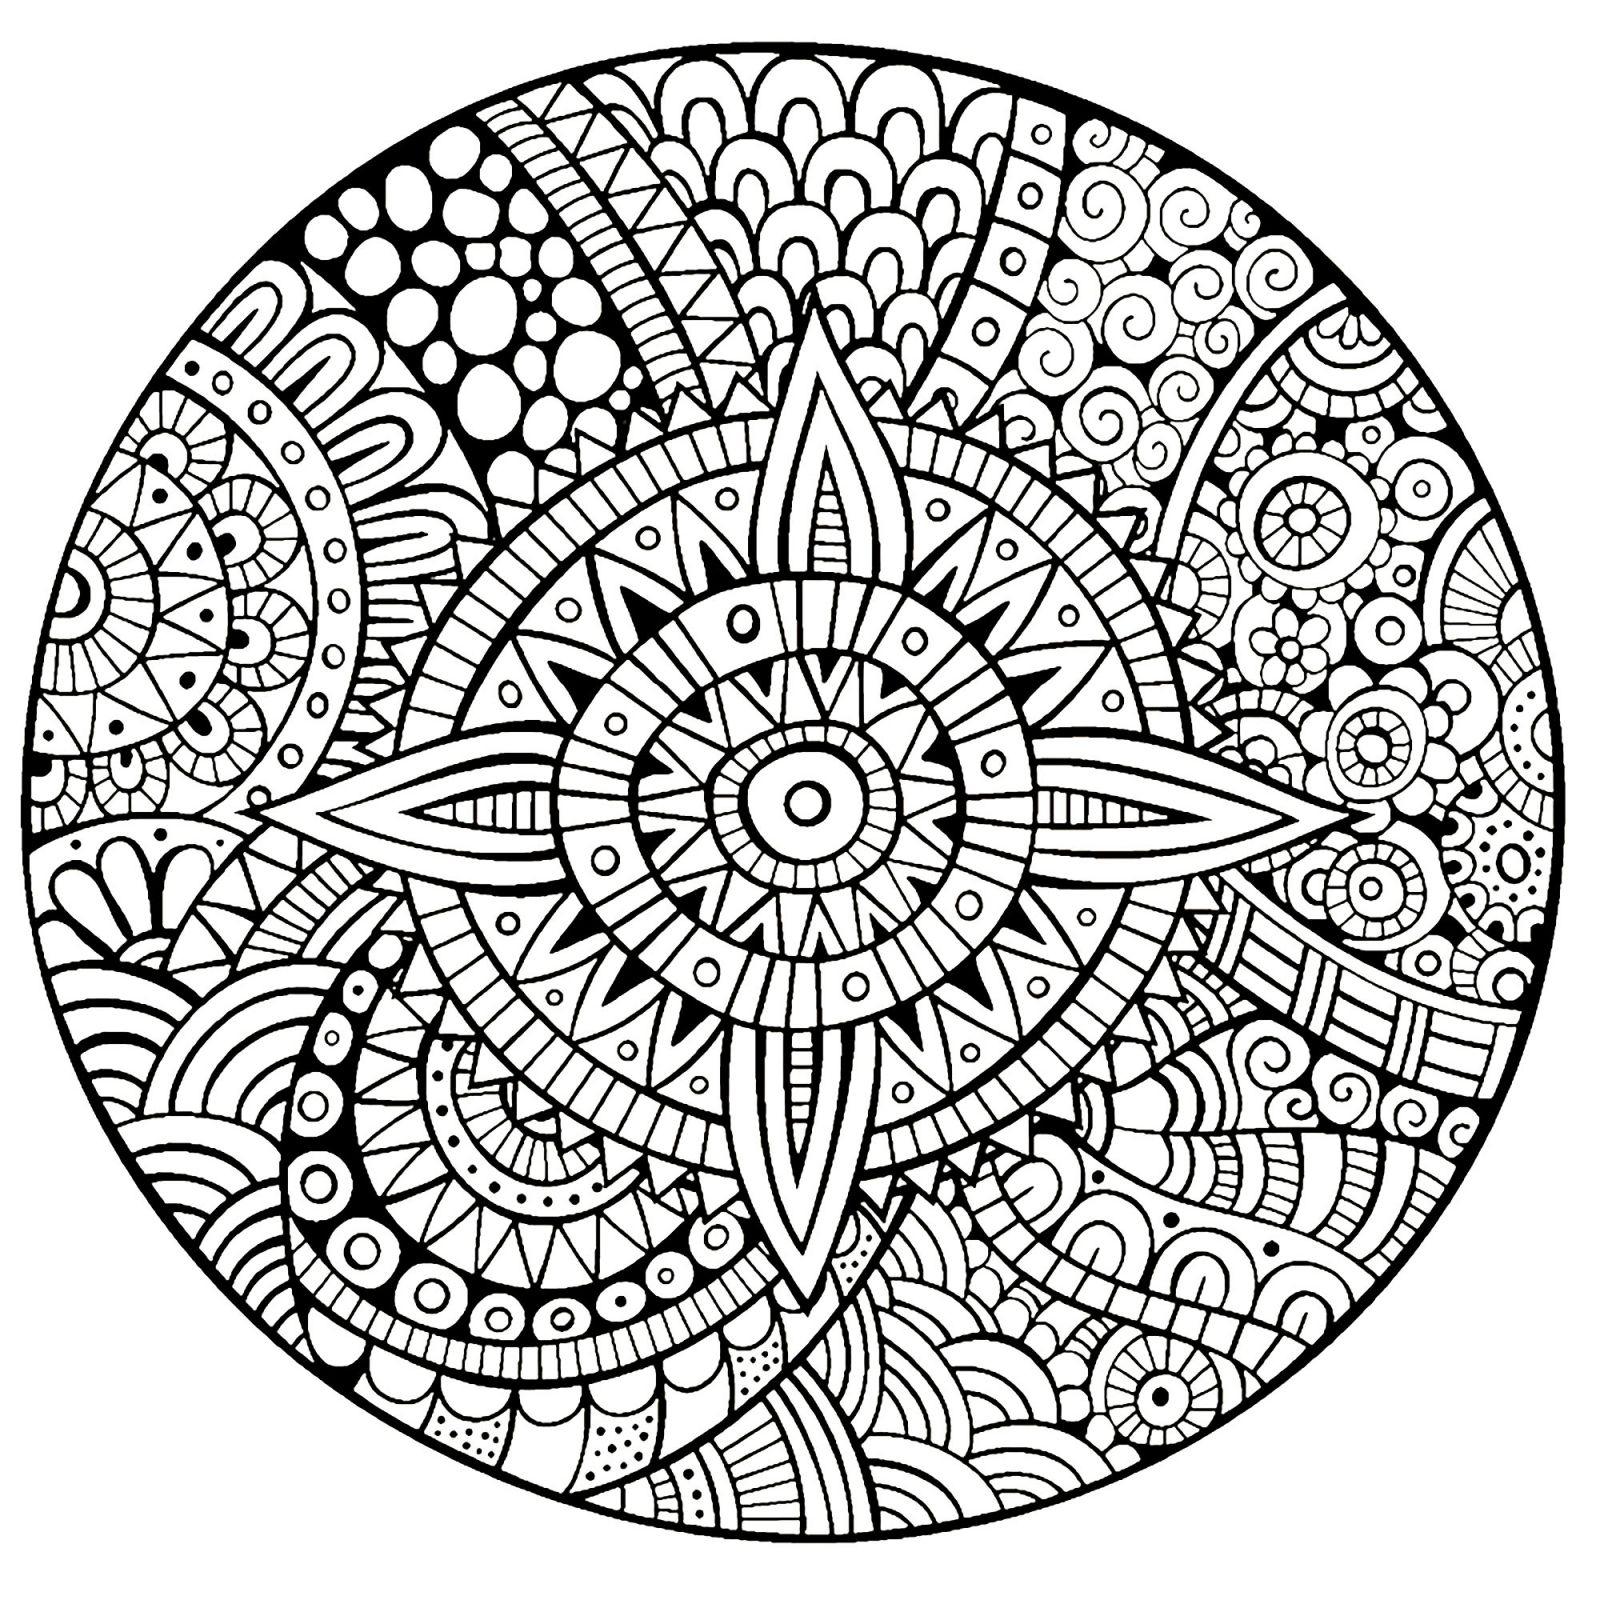 Coloriage À Imprimer Mandala Pour Adulte | Coloriages À intérieur Dessin A Imprimer Pour Adulte